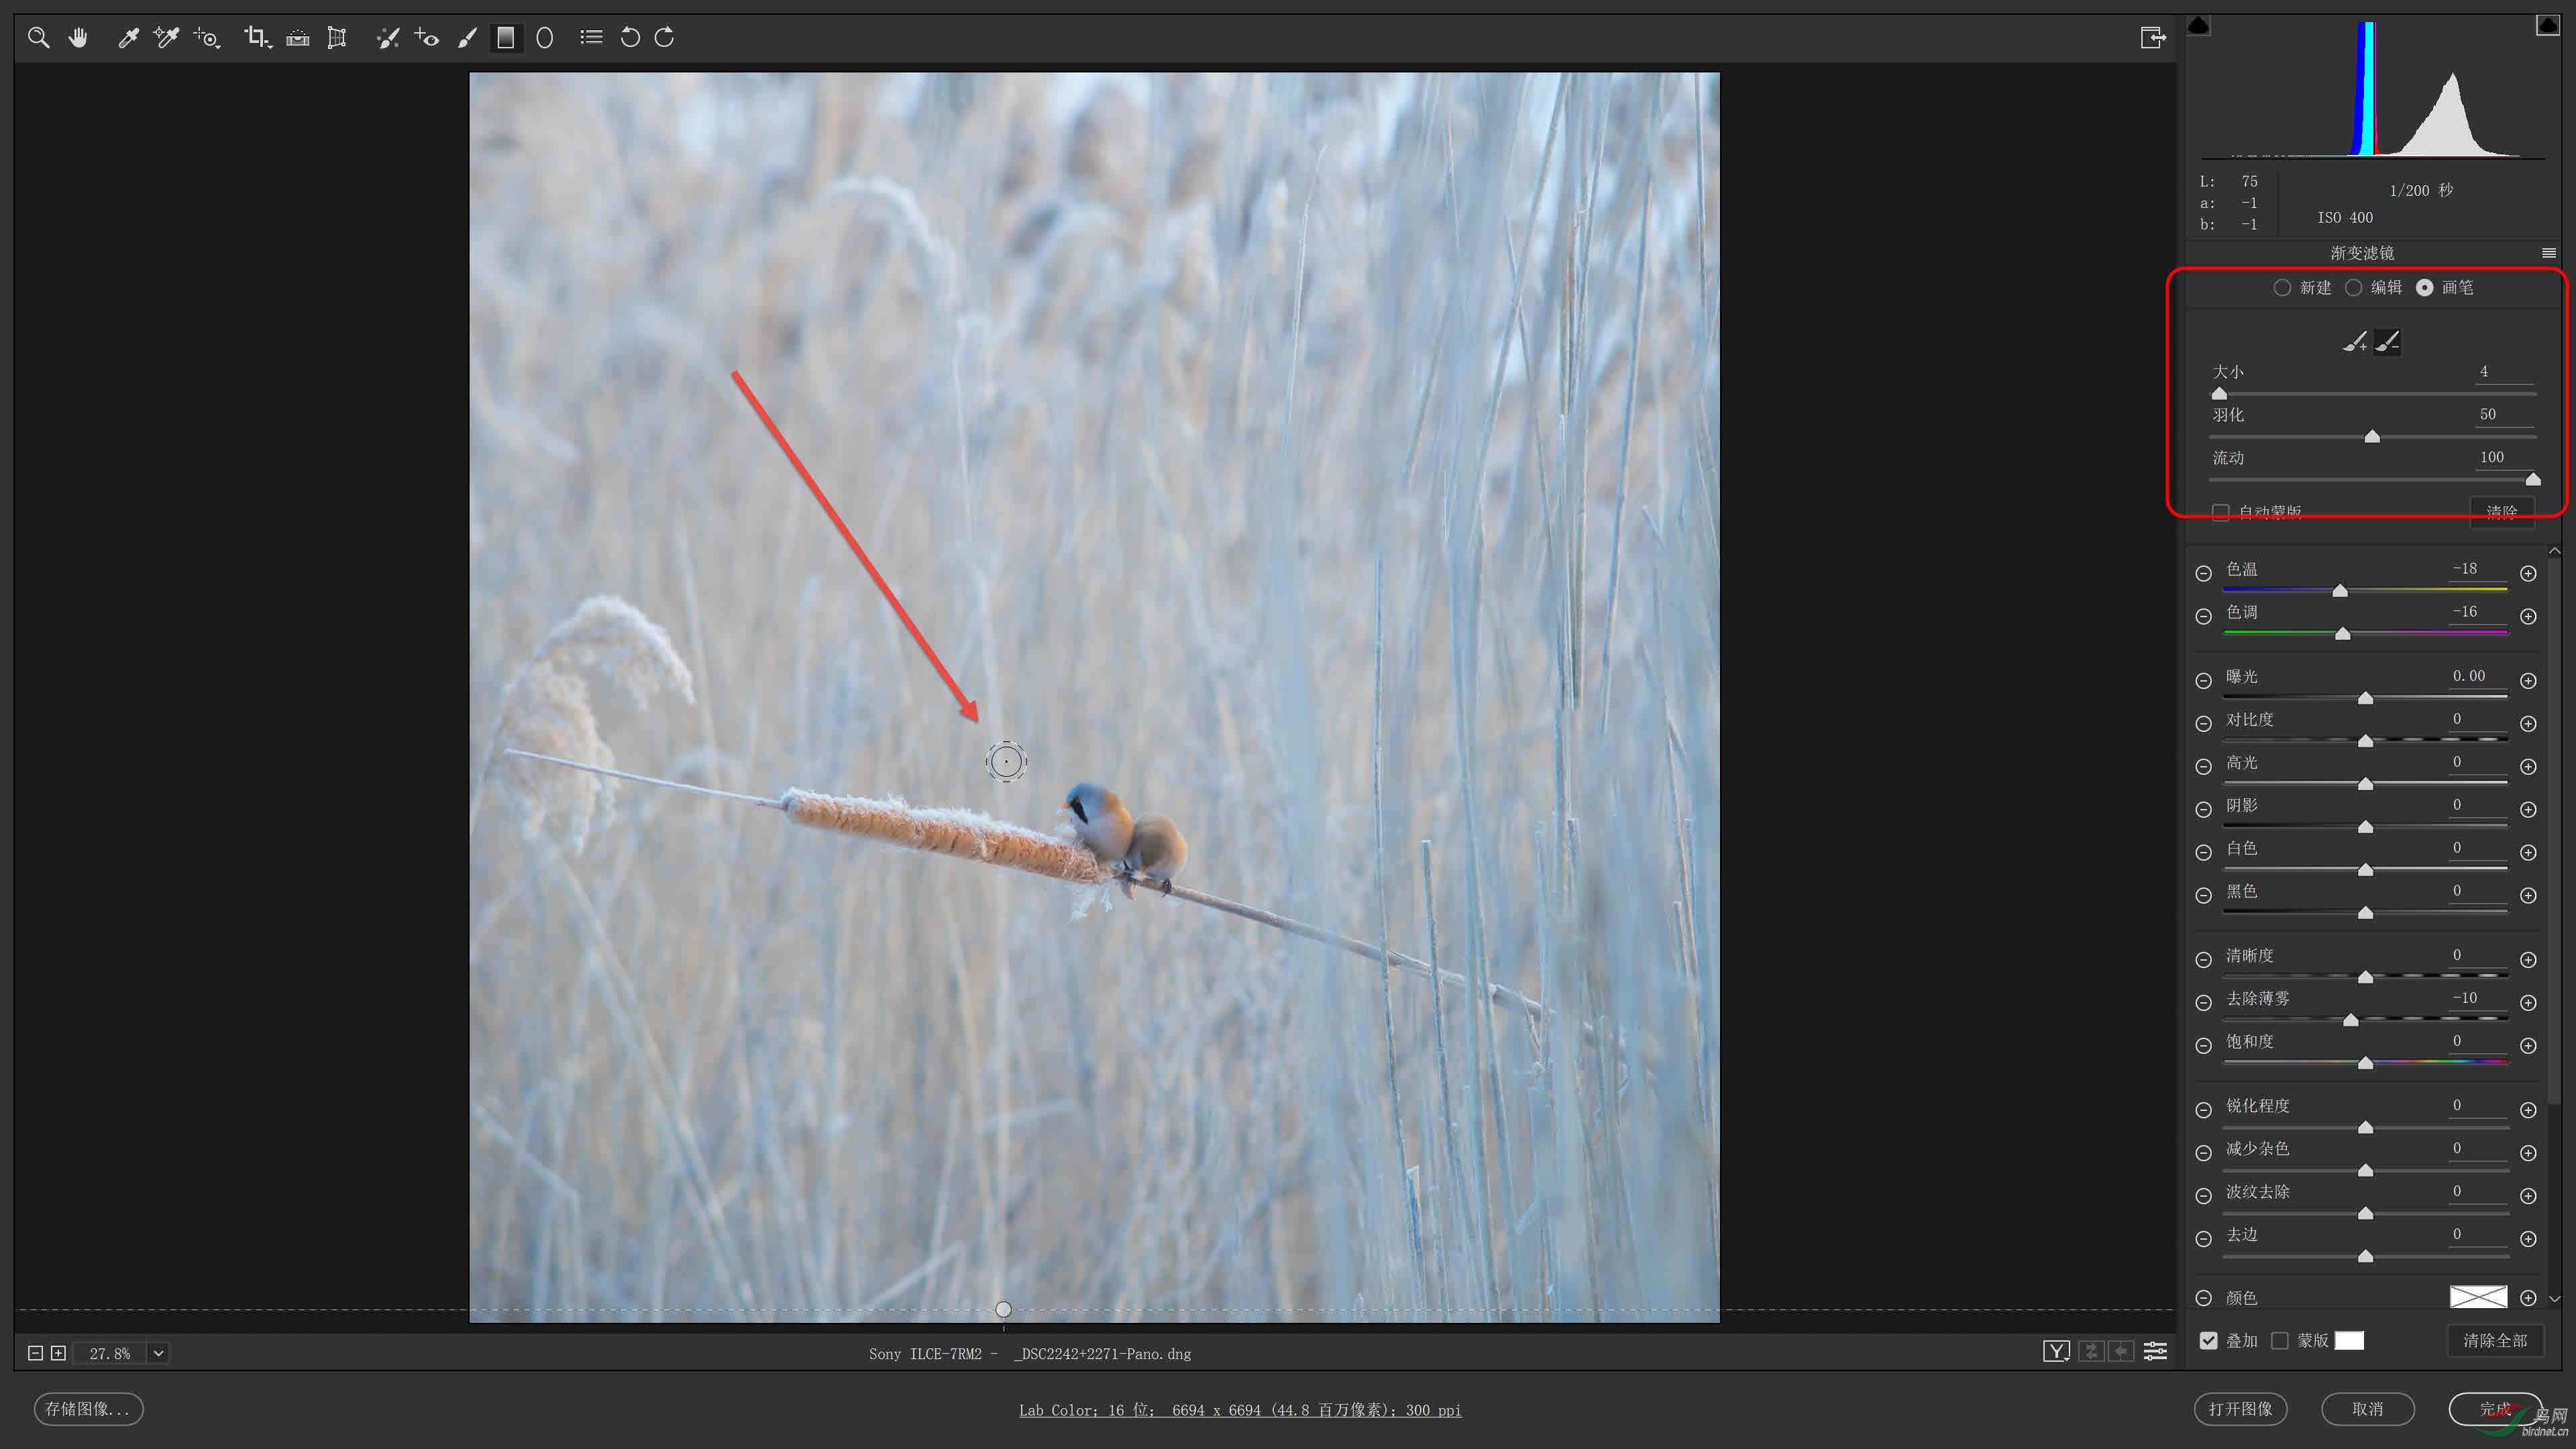 03 使用画笔工具将渐变滤镜效果从主体上移除.jpg